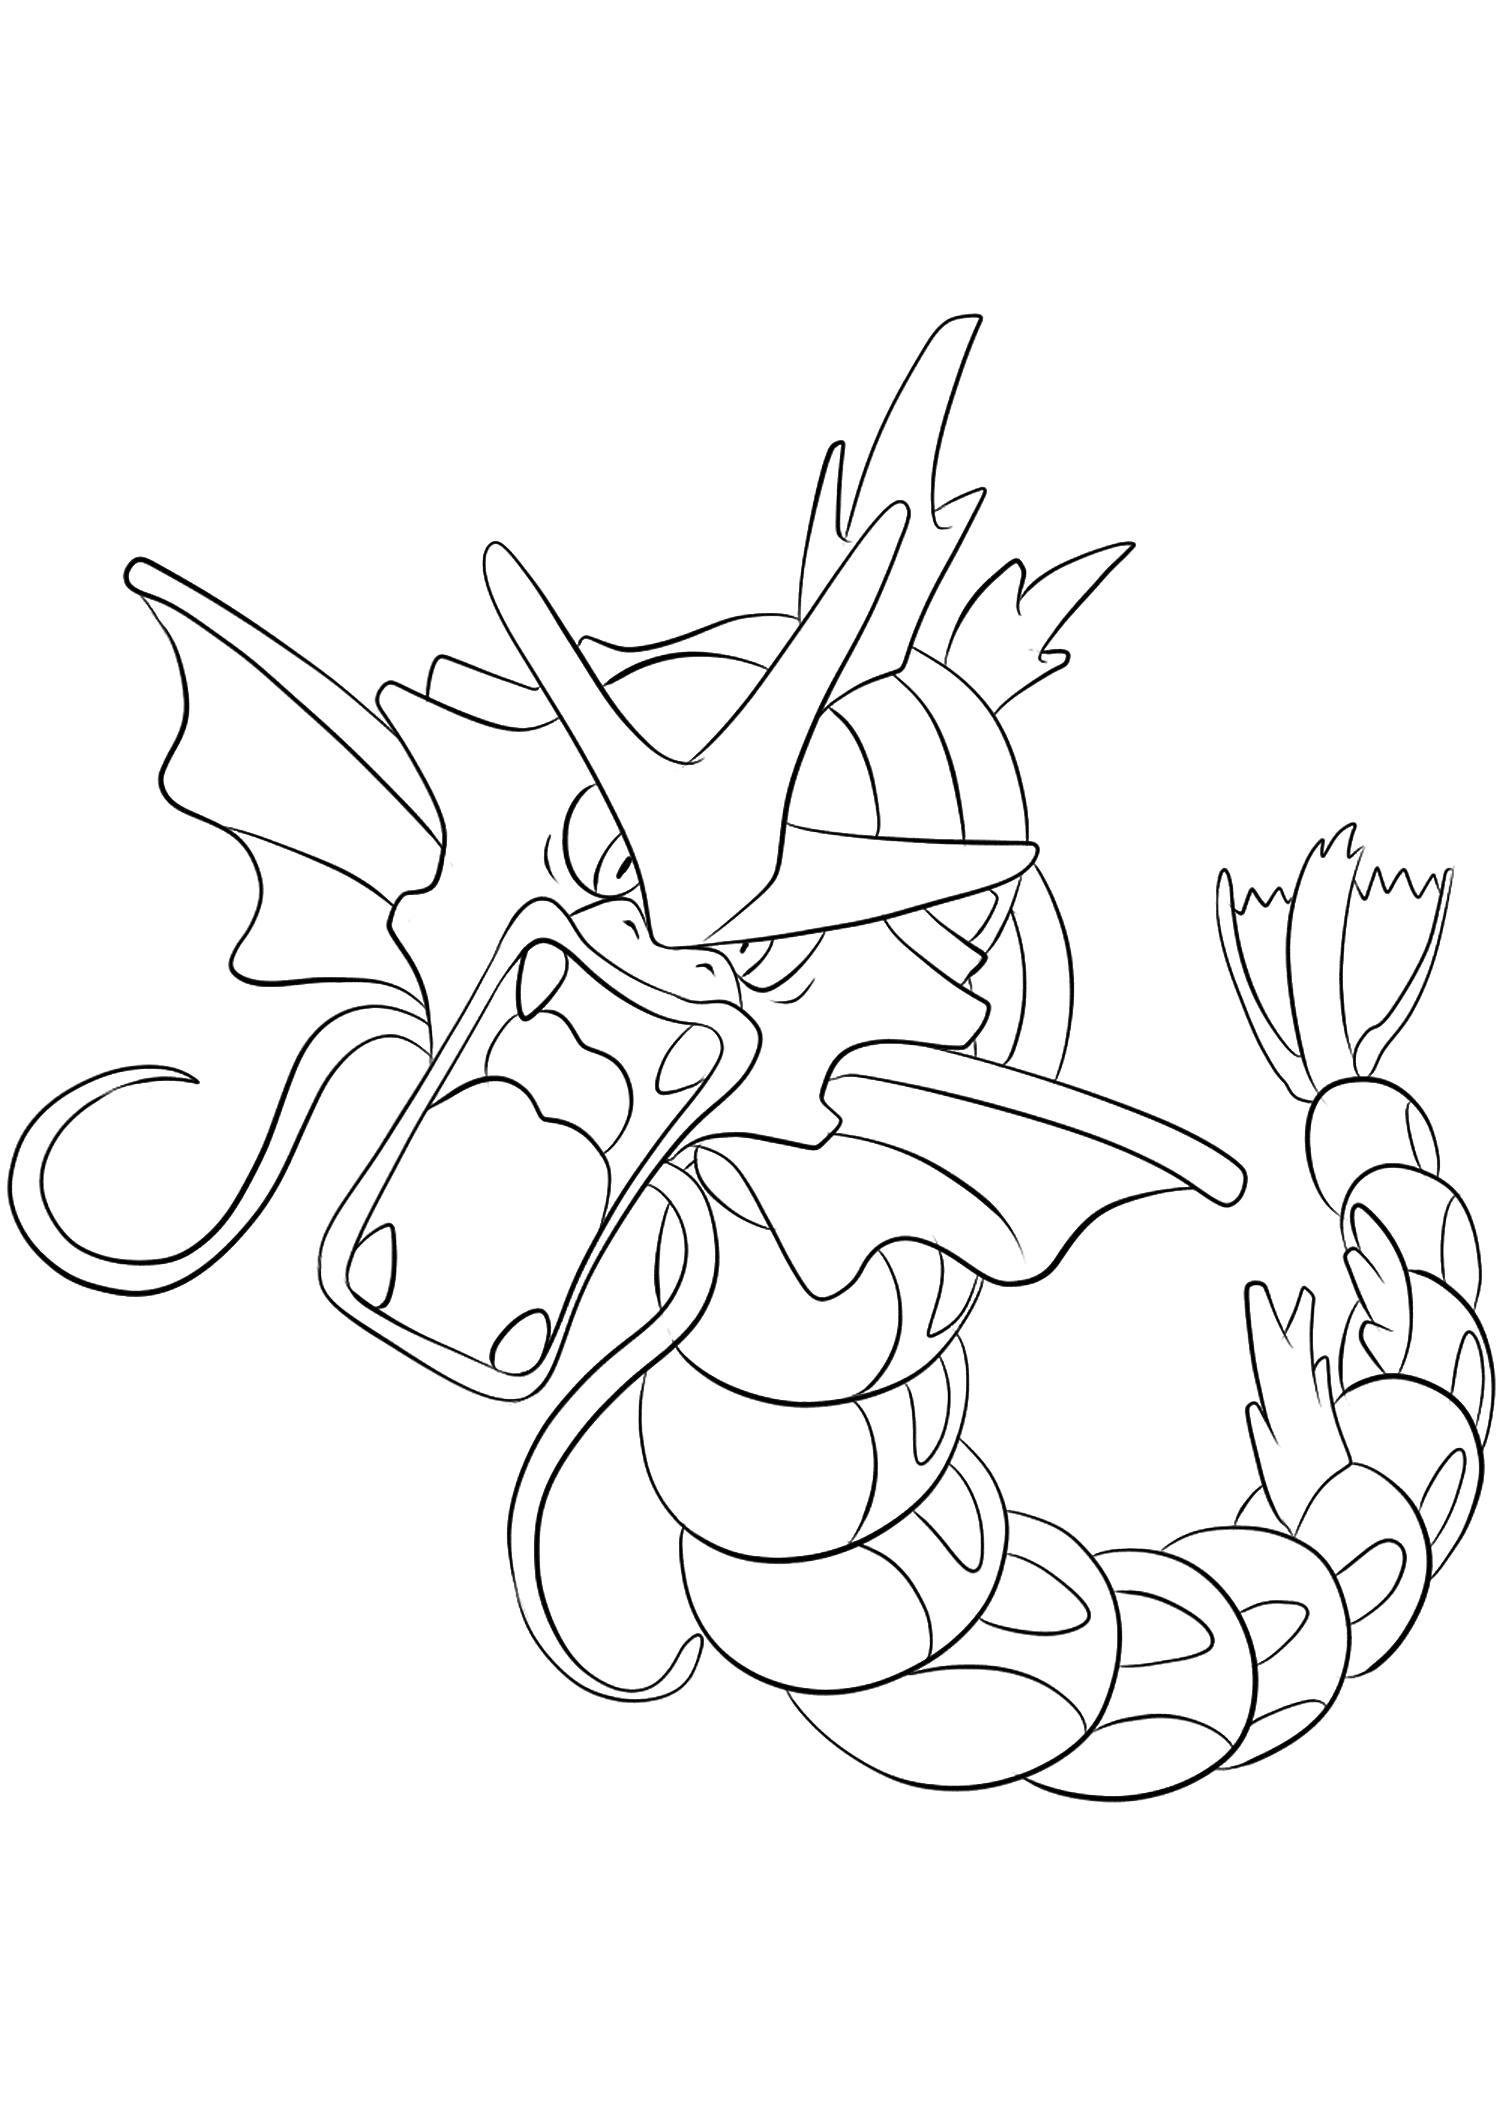 Leviator No 130 Pokemon De Generation I Tous Les Coloriages